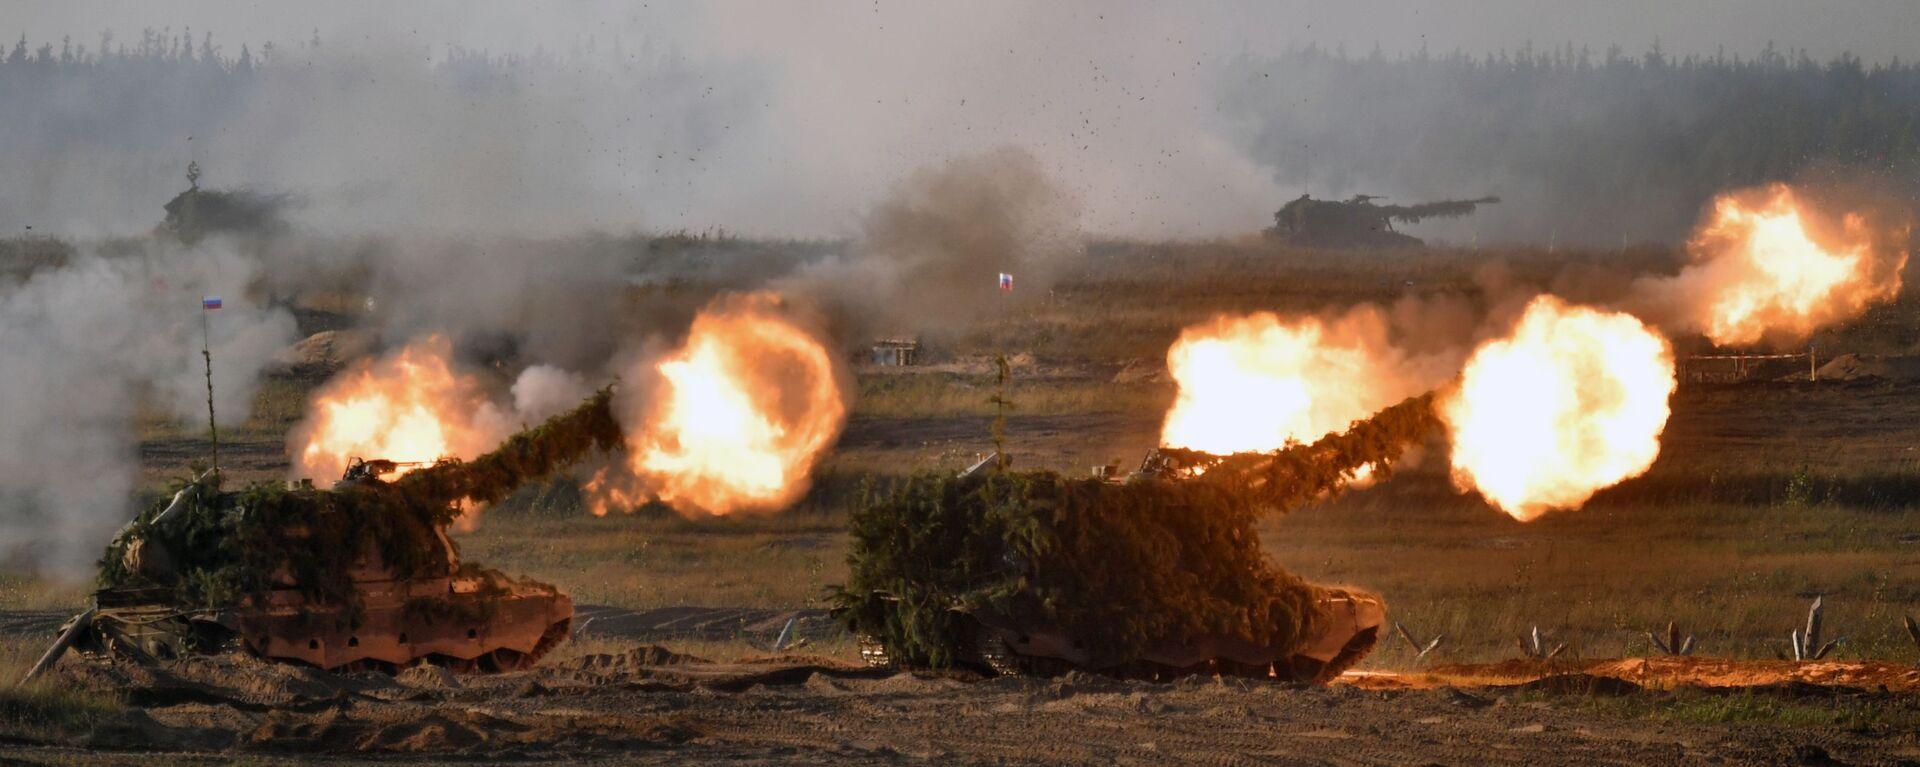 Самоходные артиллерийские установки (САУ) во время основного этапа учений Запад-2021 на полигоне Мулино в Нижегородской области - Sputnik Таджикистан, 1920, 14.09.2021